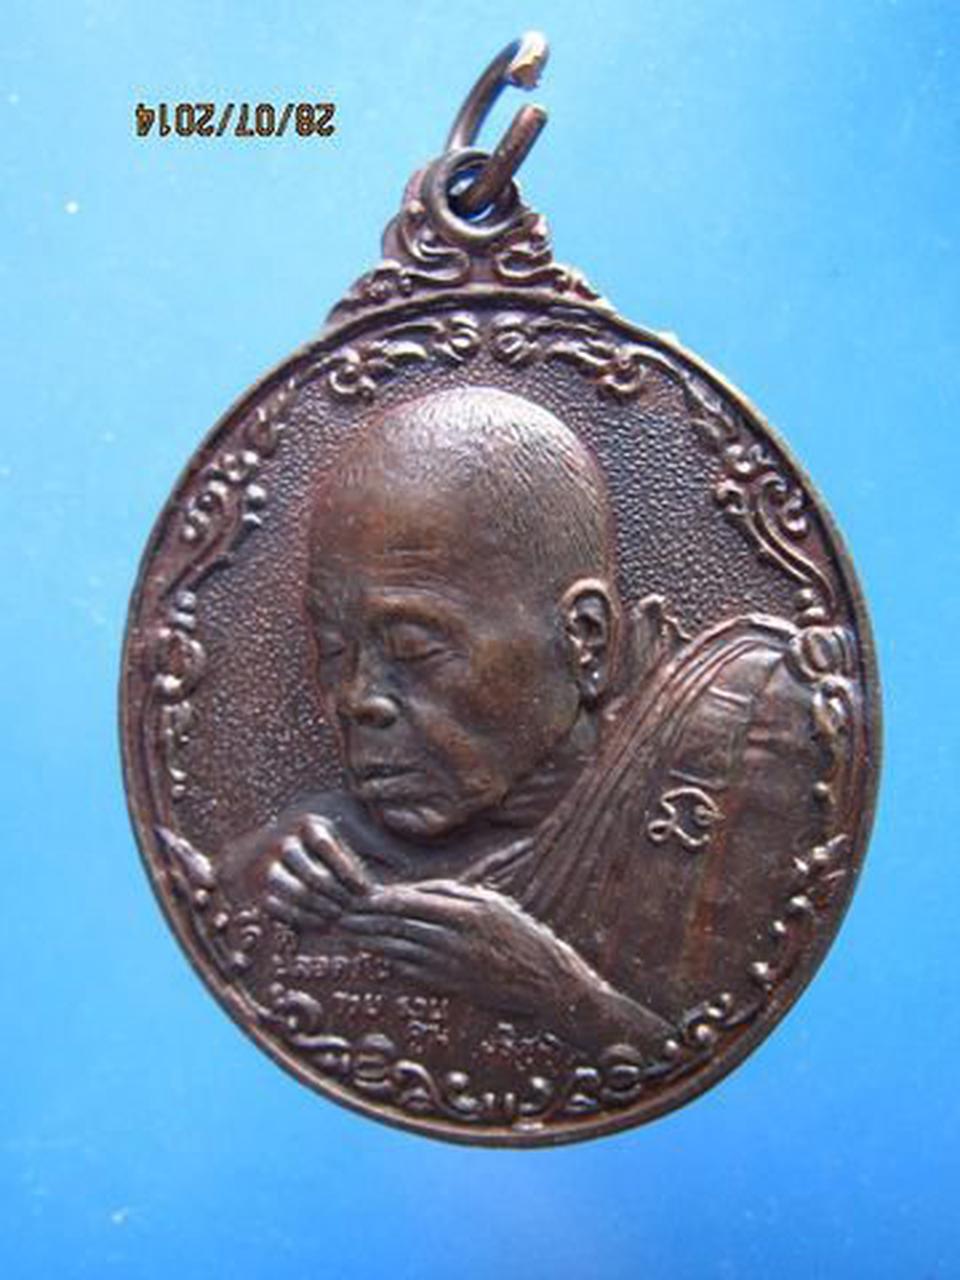 117 เหรียญหลวงพ่อคูณ วัดบ้านไร่ พรปีใหม่ ปี 2537 จ.นครราชสีม รูปที่ 2